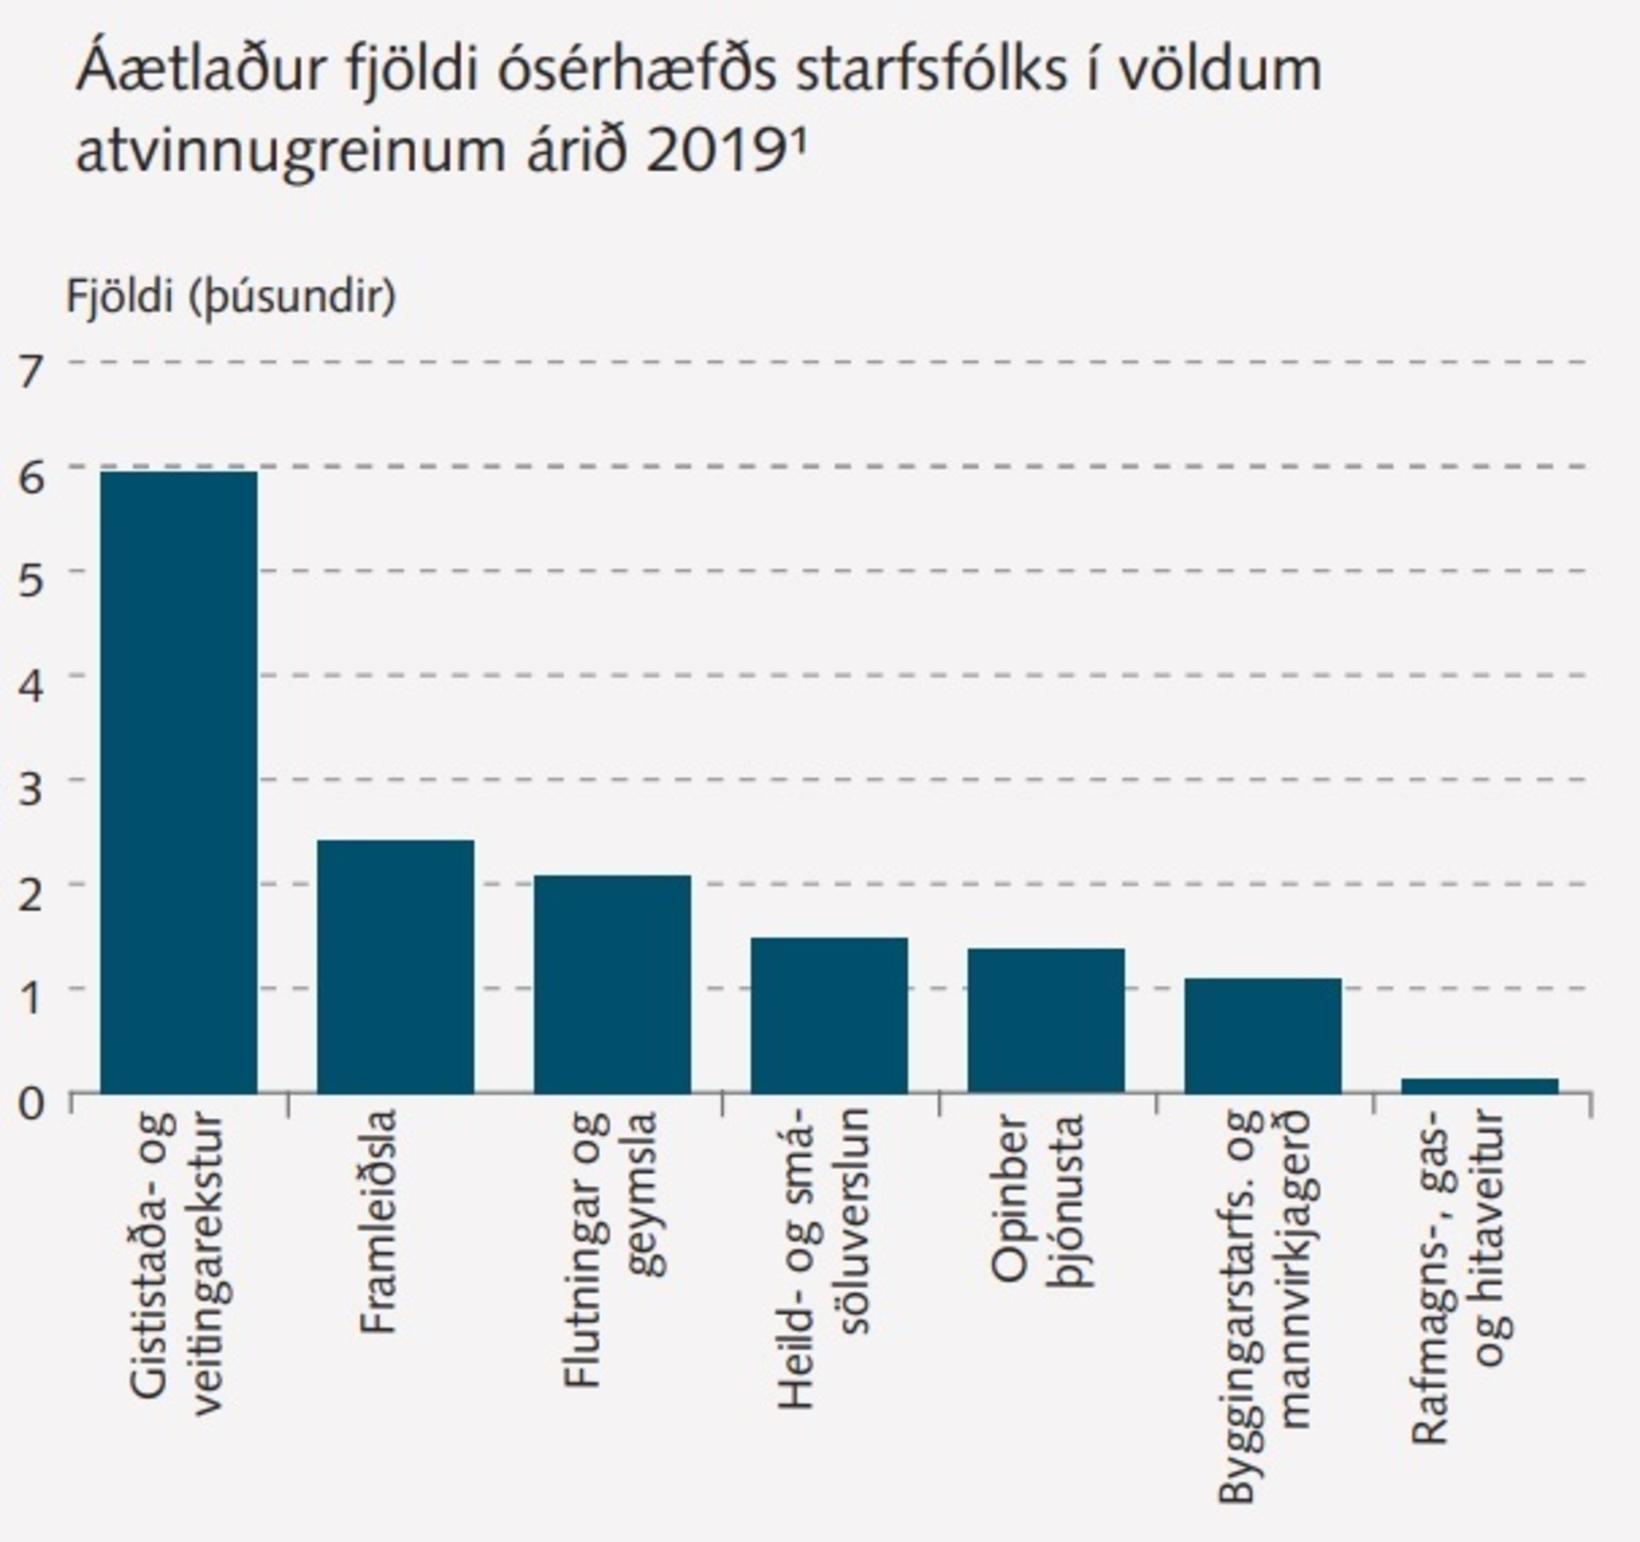 Áætlaður fjöldi ósérhæfðs starfsfólks í völdum atvinnugreinum árið 2019.